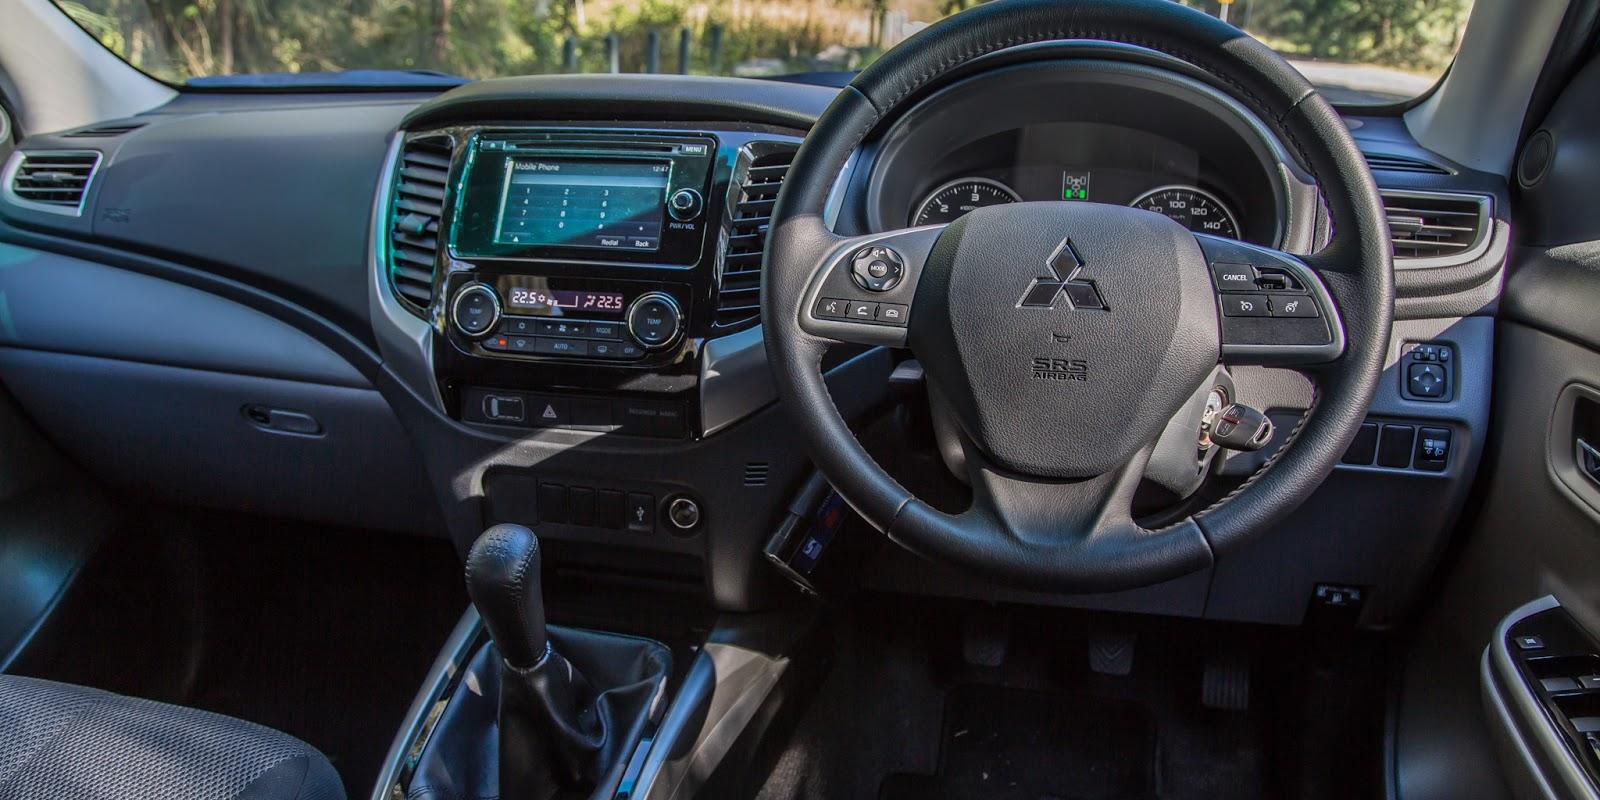 Mitsubishi Triton 2016 là một chiếc xe khá thông minh, với nhiều tính năng ưu việt